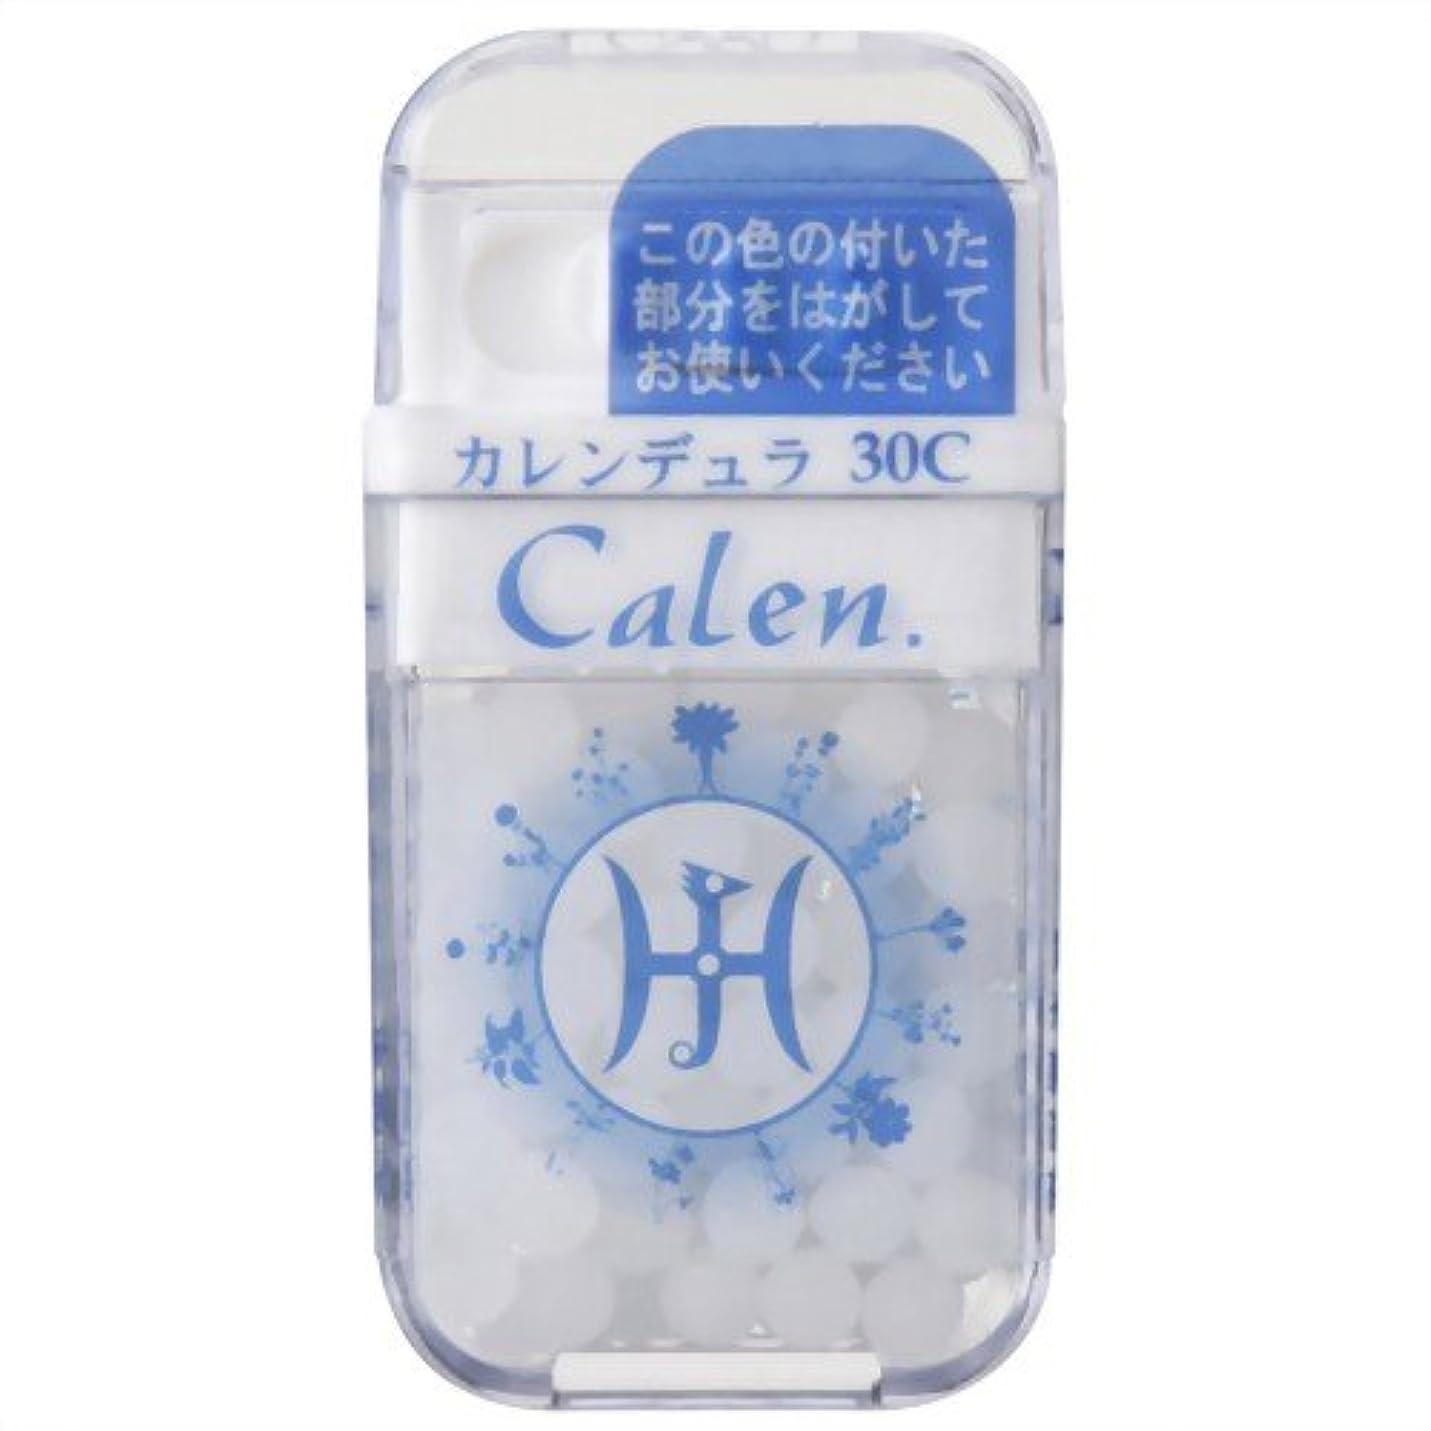 指紋刺します個性ホメオパシージャパンレメディー Calen.  カレンデュラ 30C (大ビン)